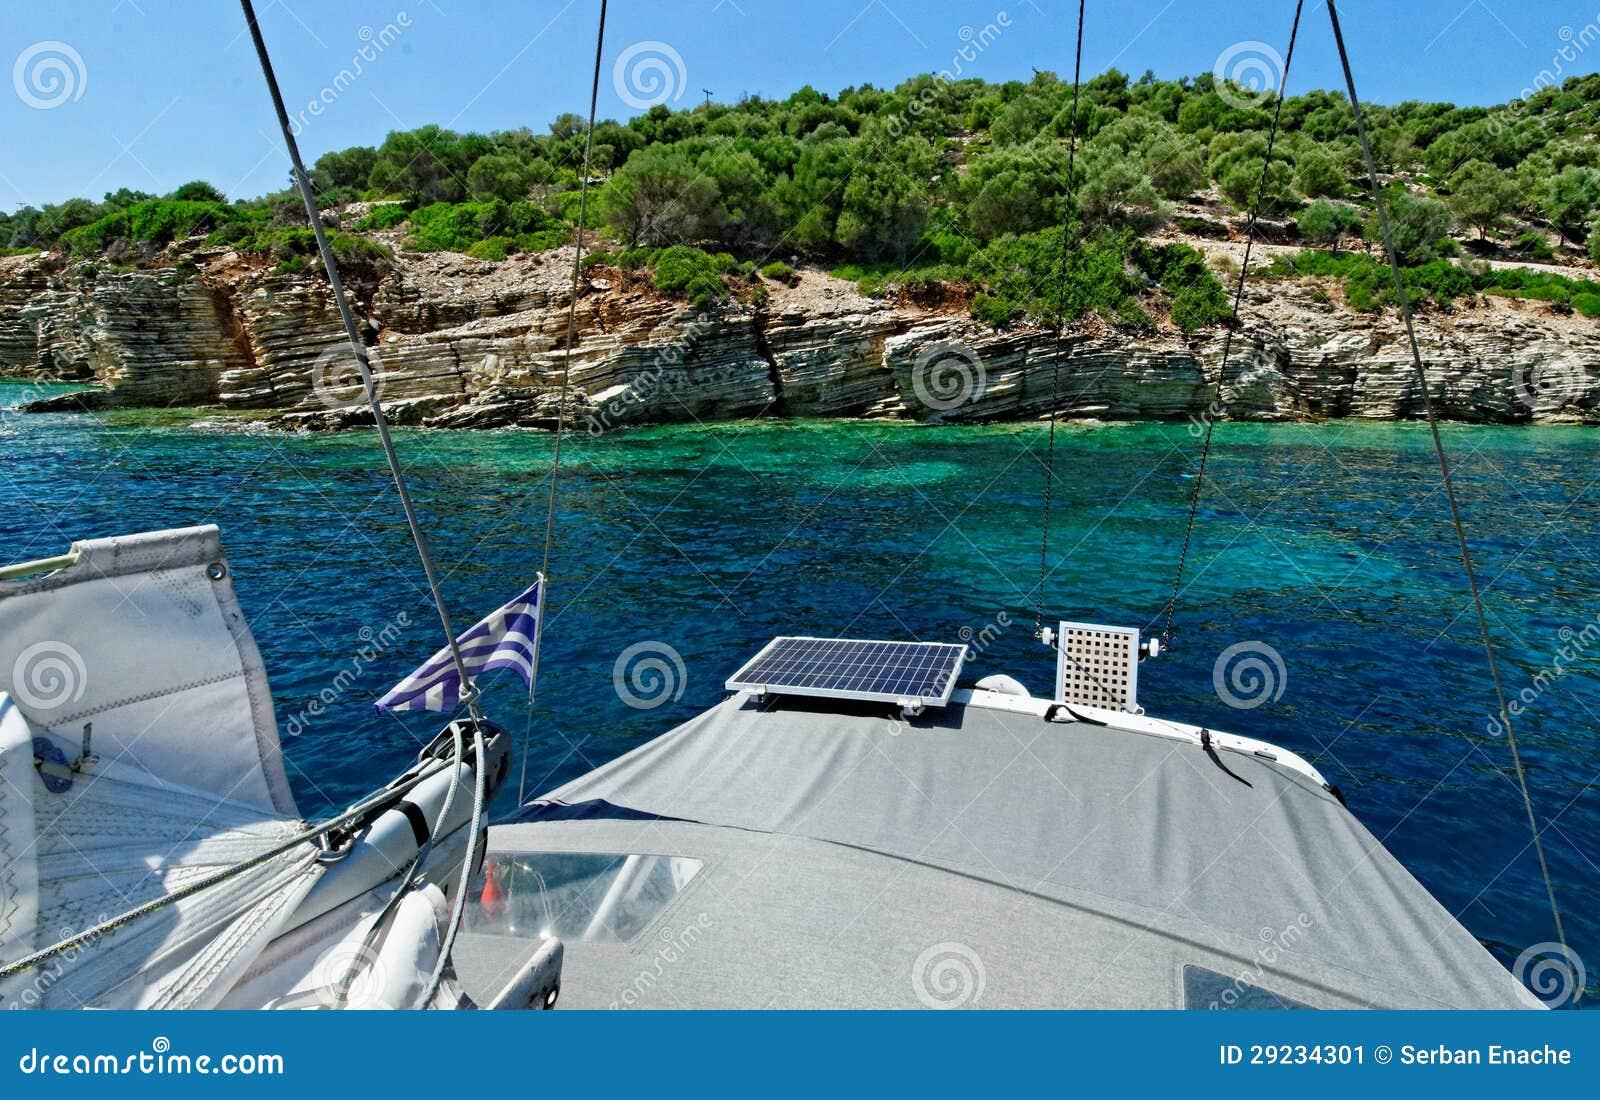 Download Barco no mar Ionian imagem de stock. Imagem de sailboat - 29234301